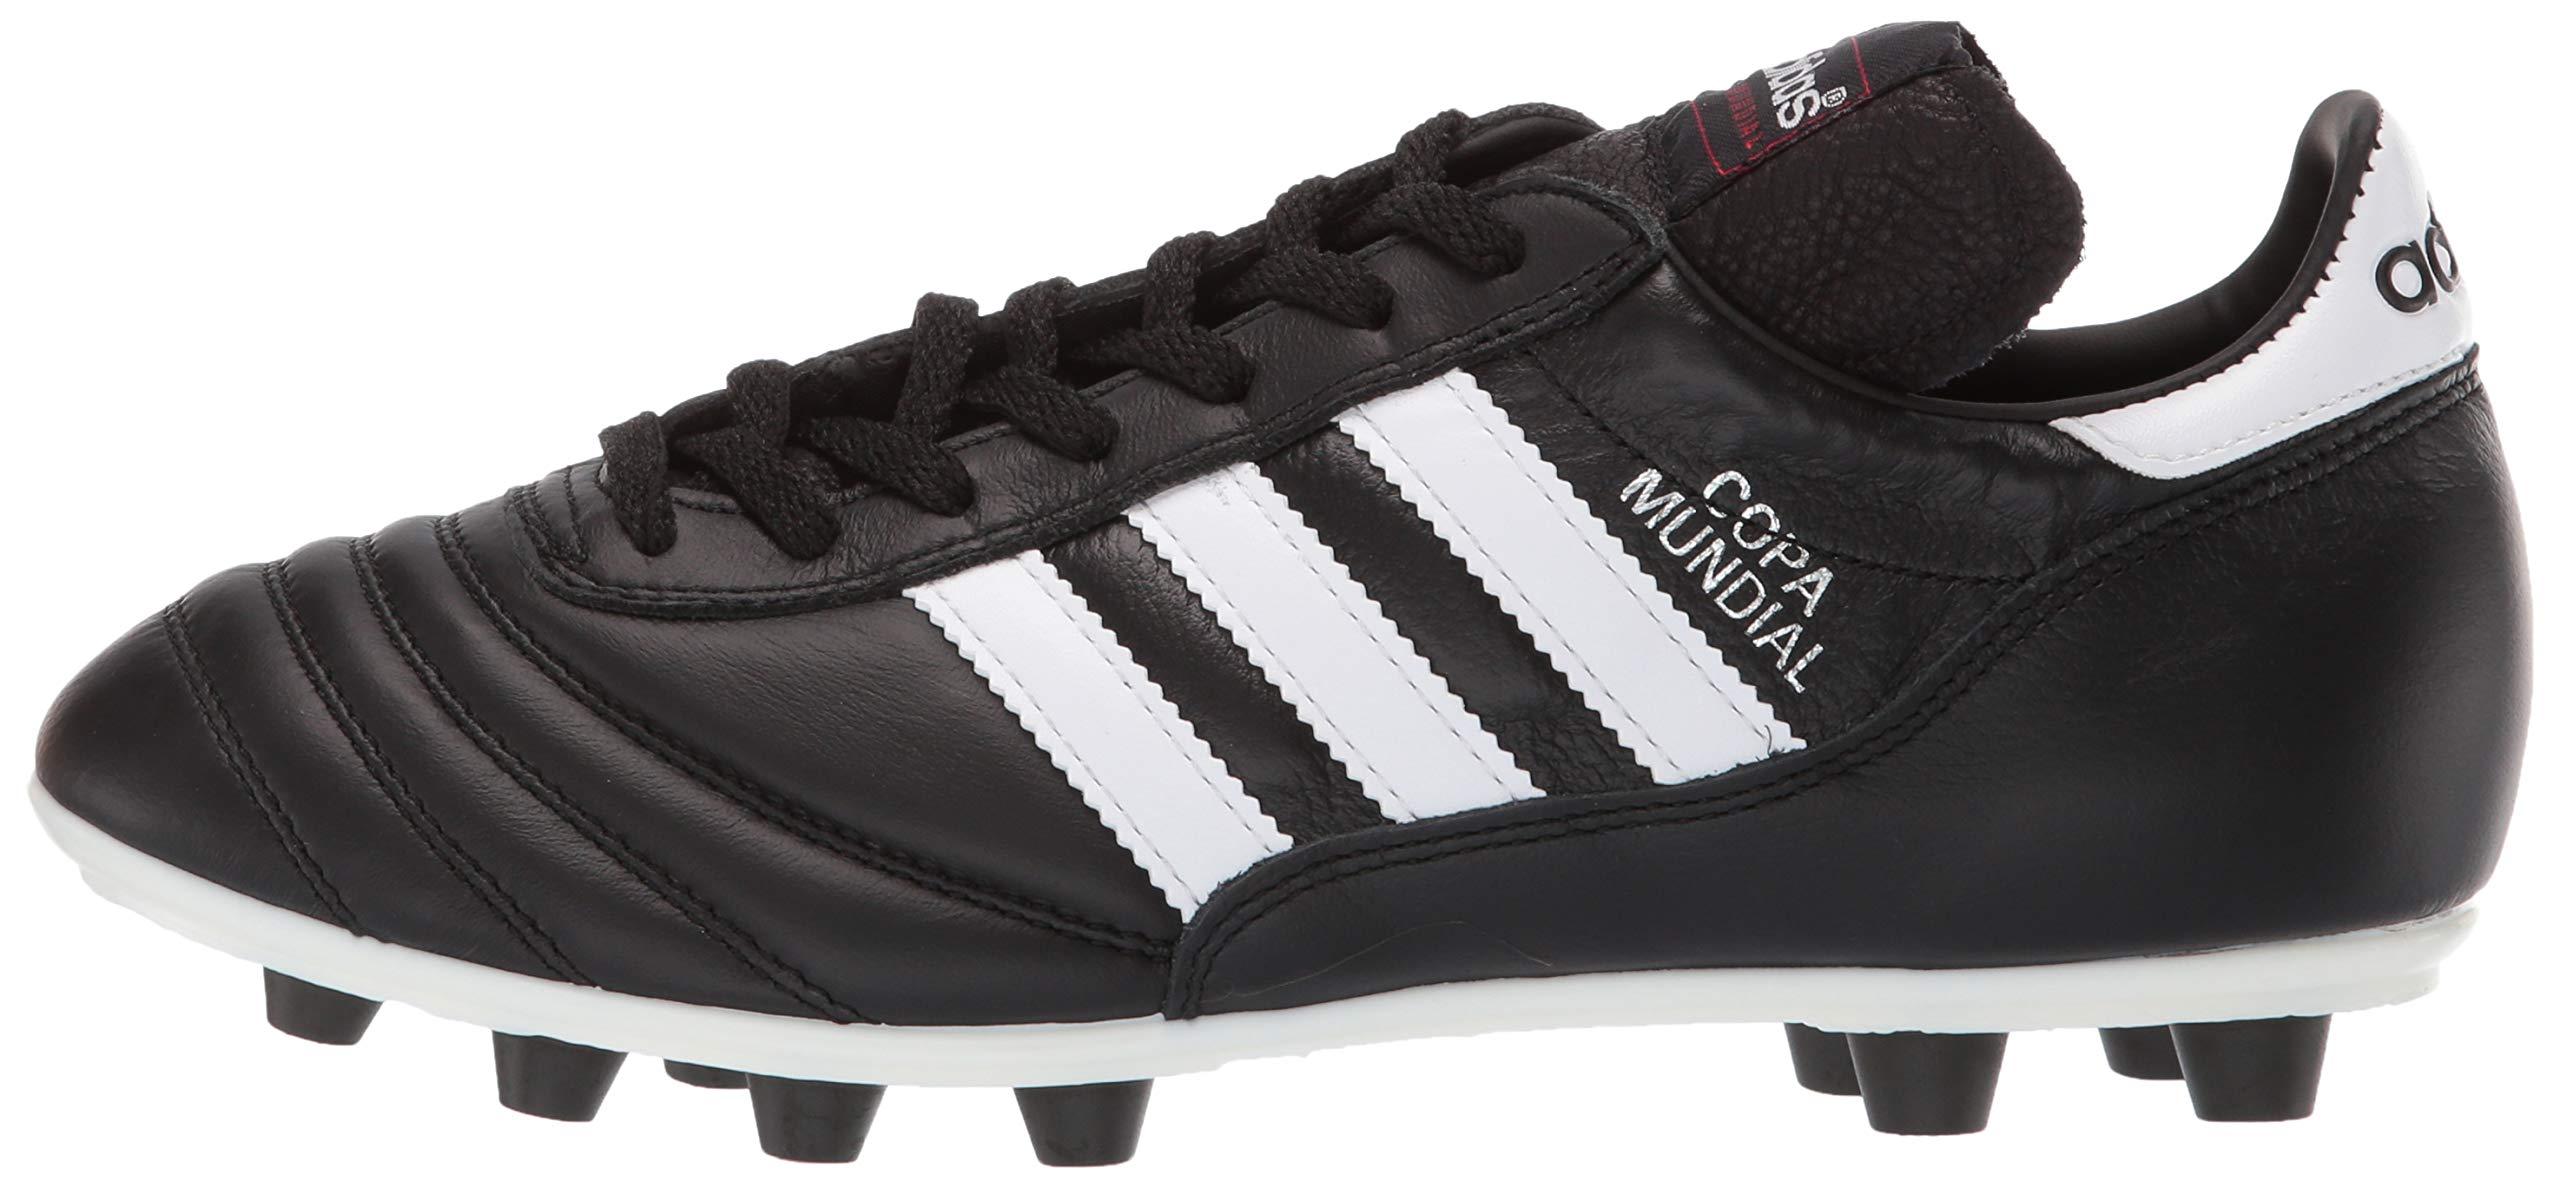 ADIDAS COPA MUNDIAL 015110 Scarpe Calcio Tacchetti Fissi